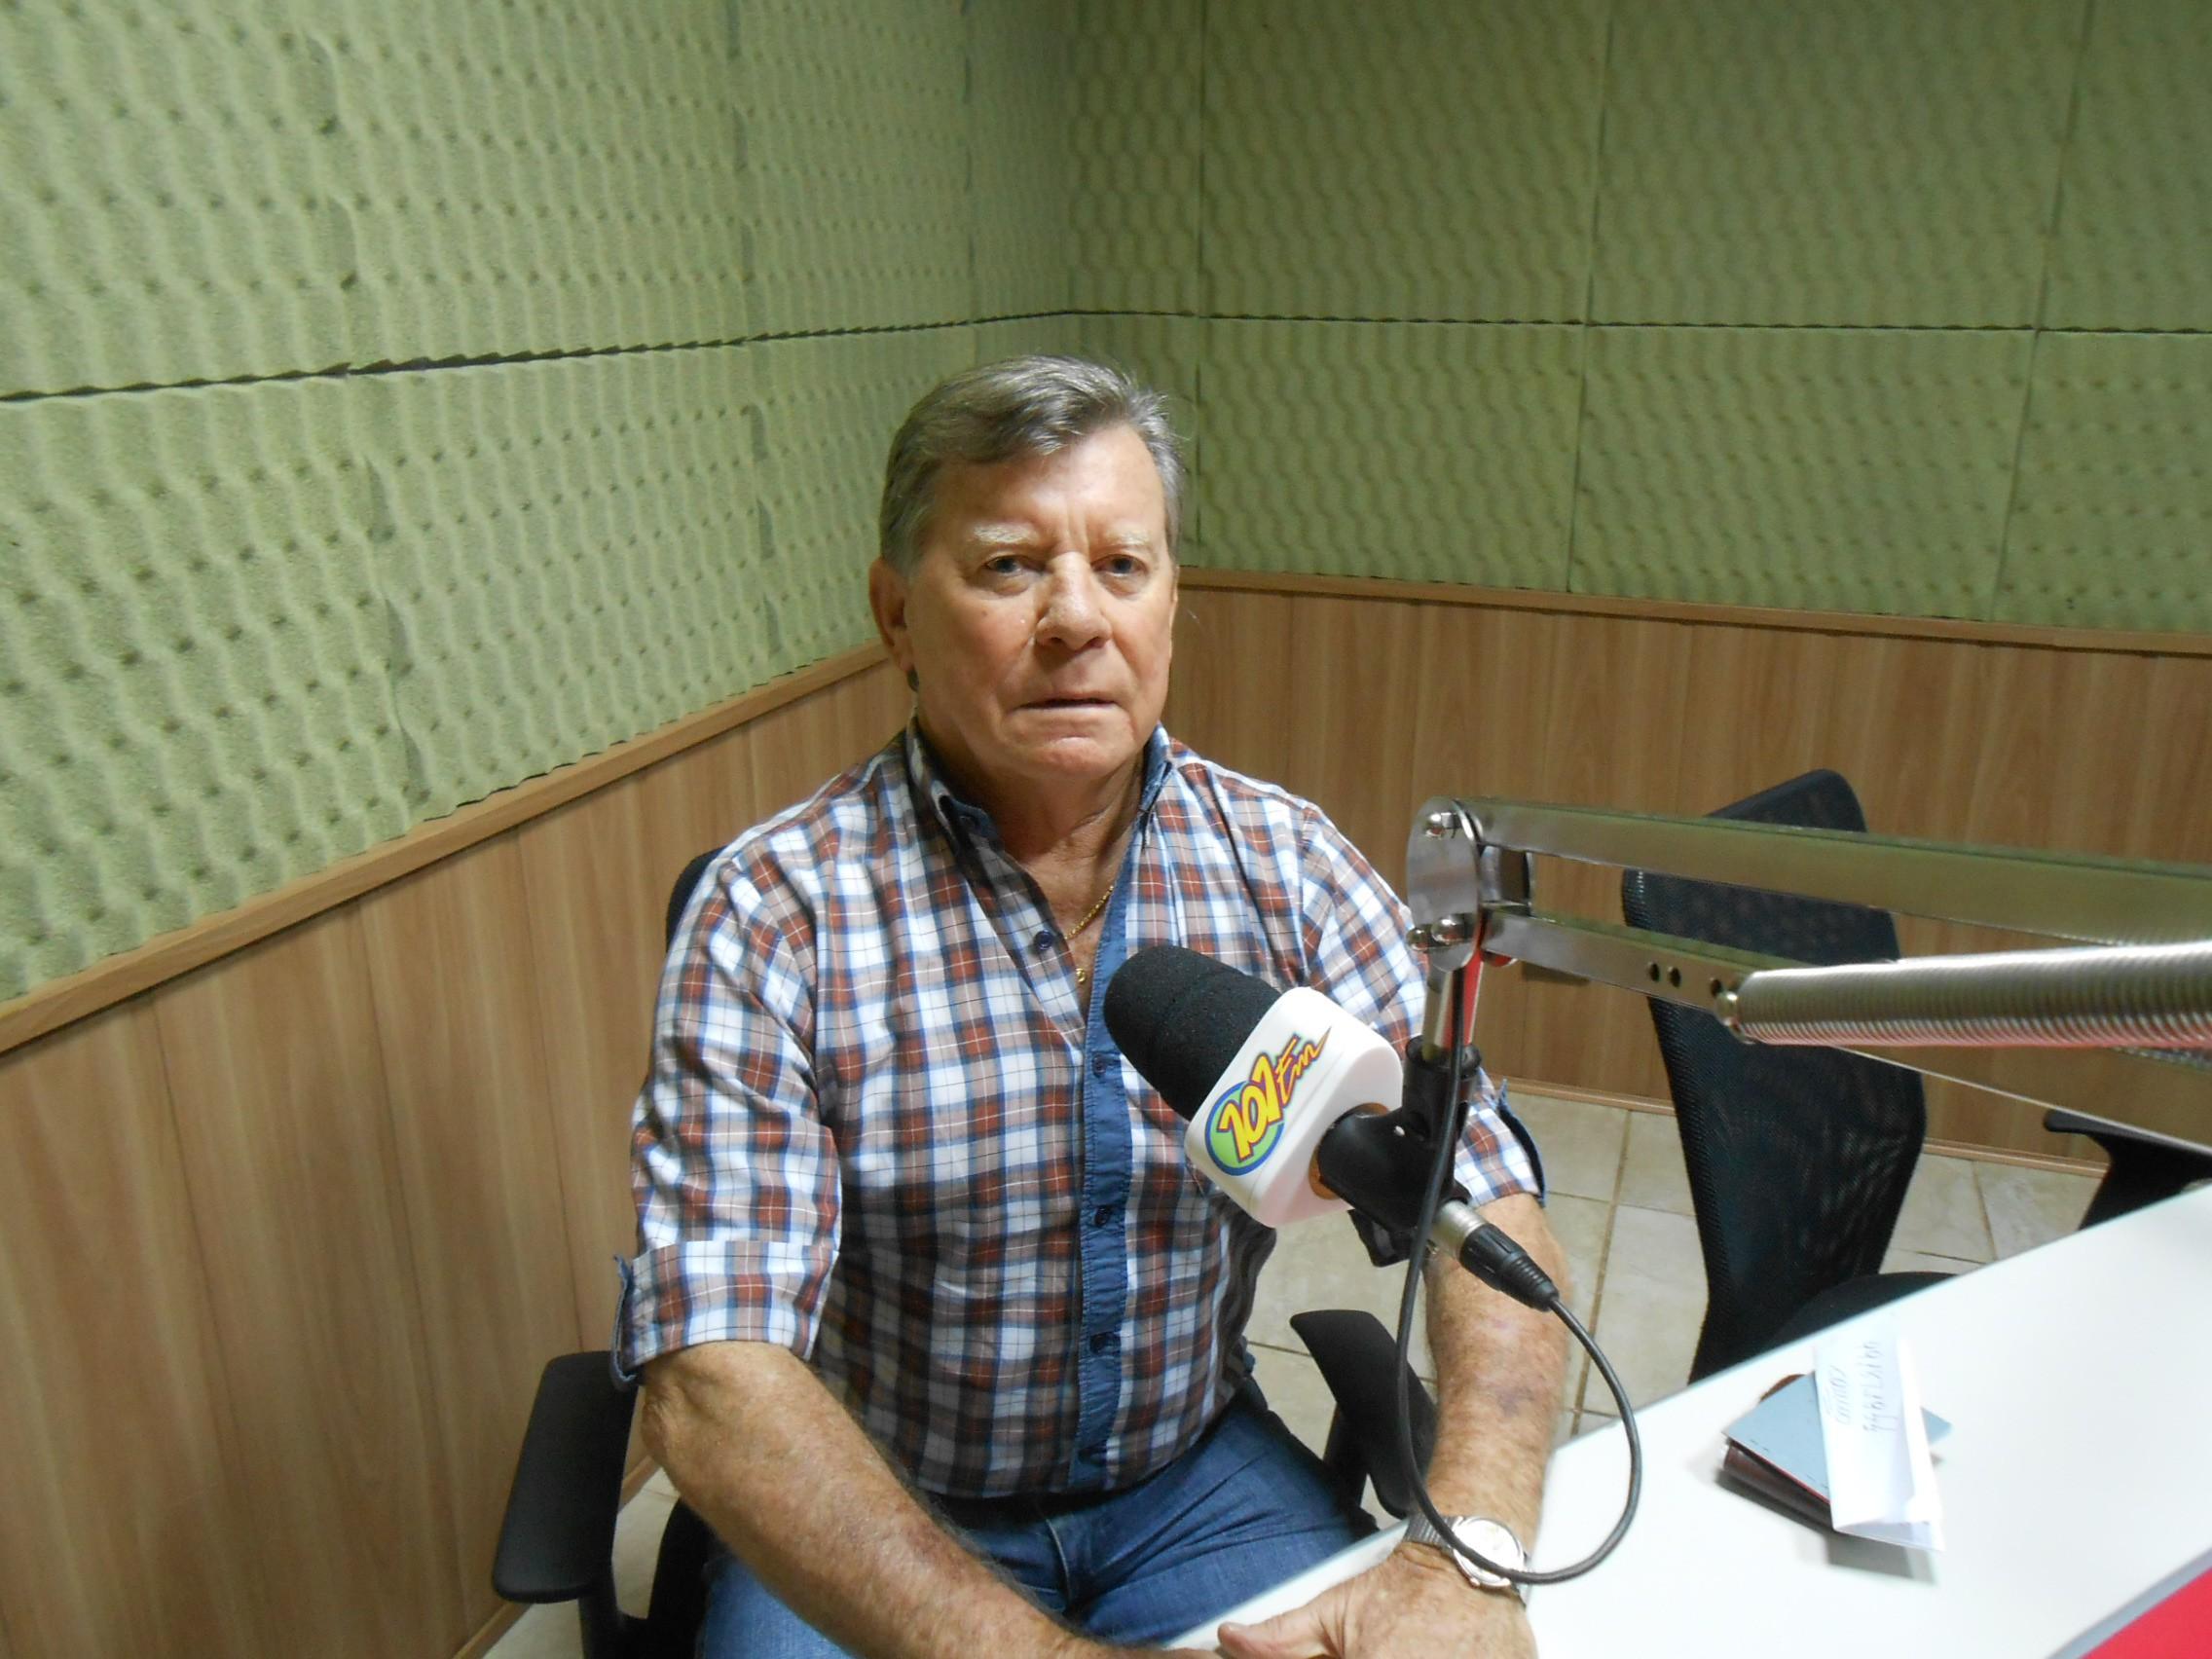 José Francisco Baratela, presidente do Lar Acolhedor São Vicente de Paulo (Foto: Ricardo Gestal/Jornal 101)